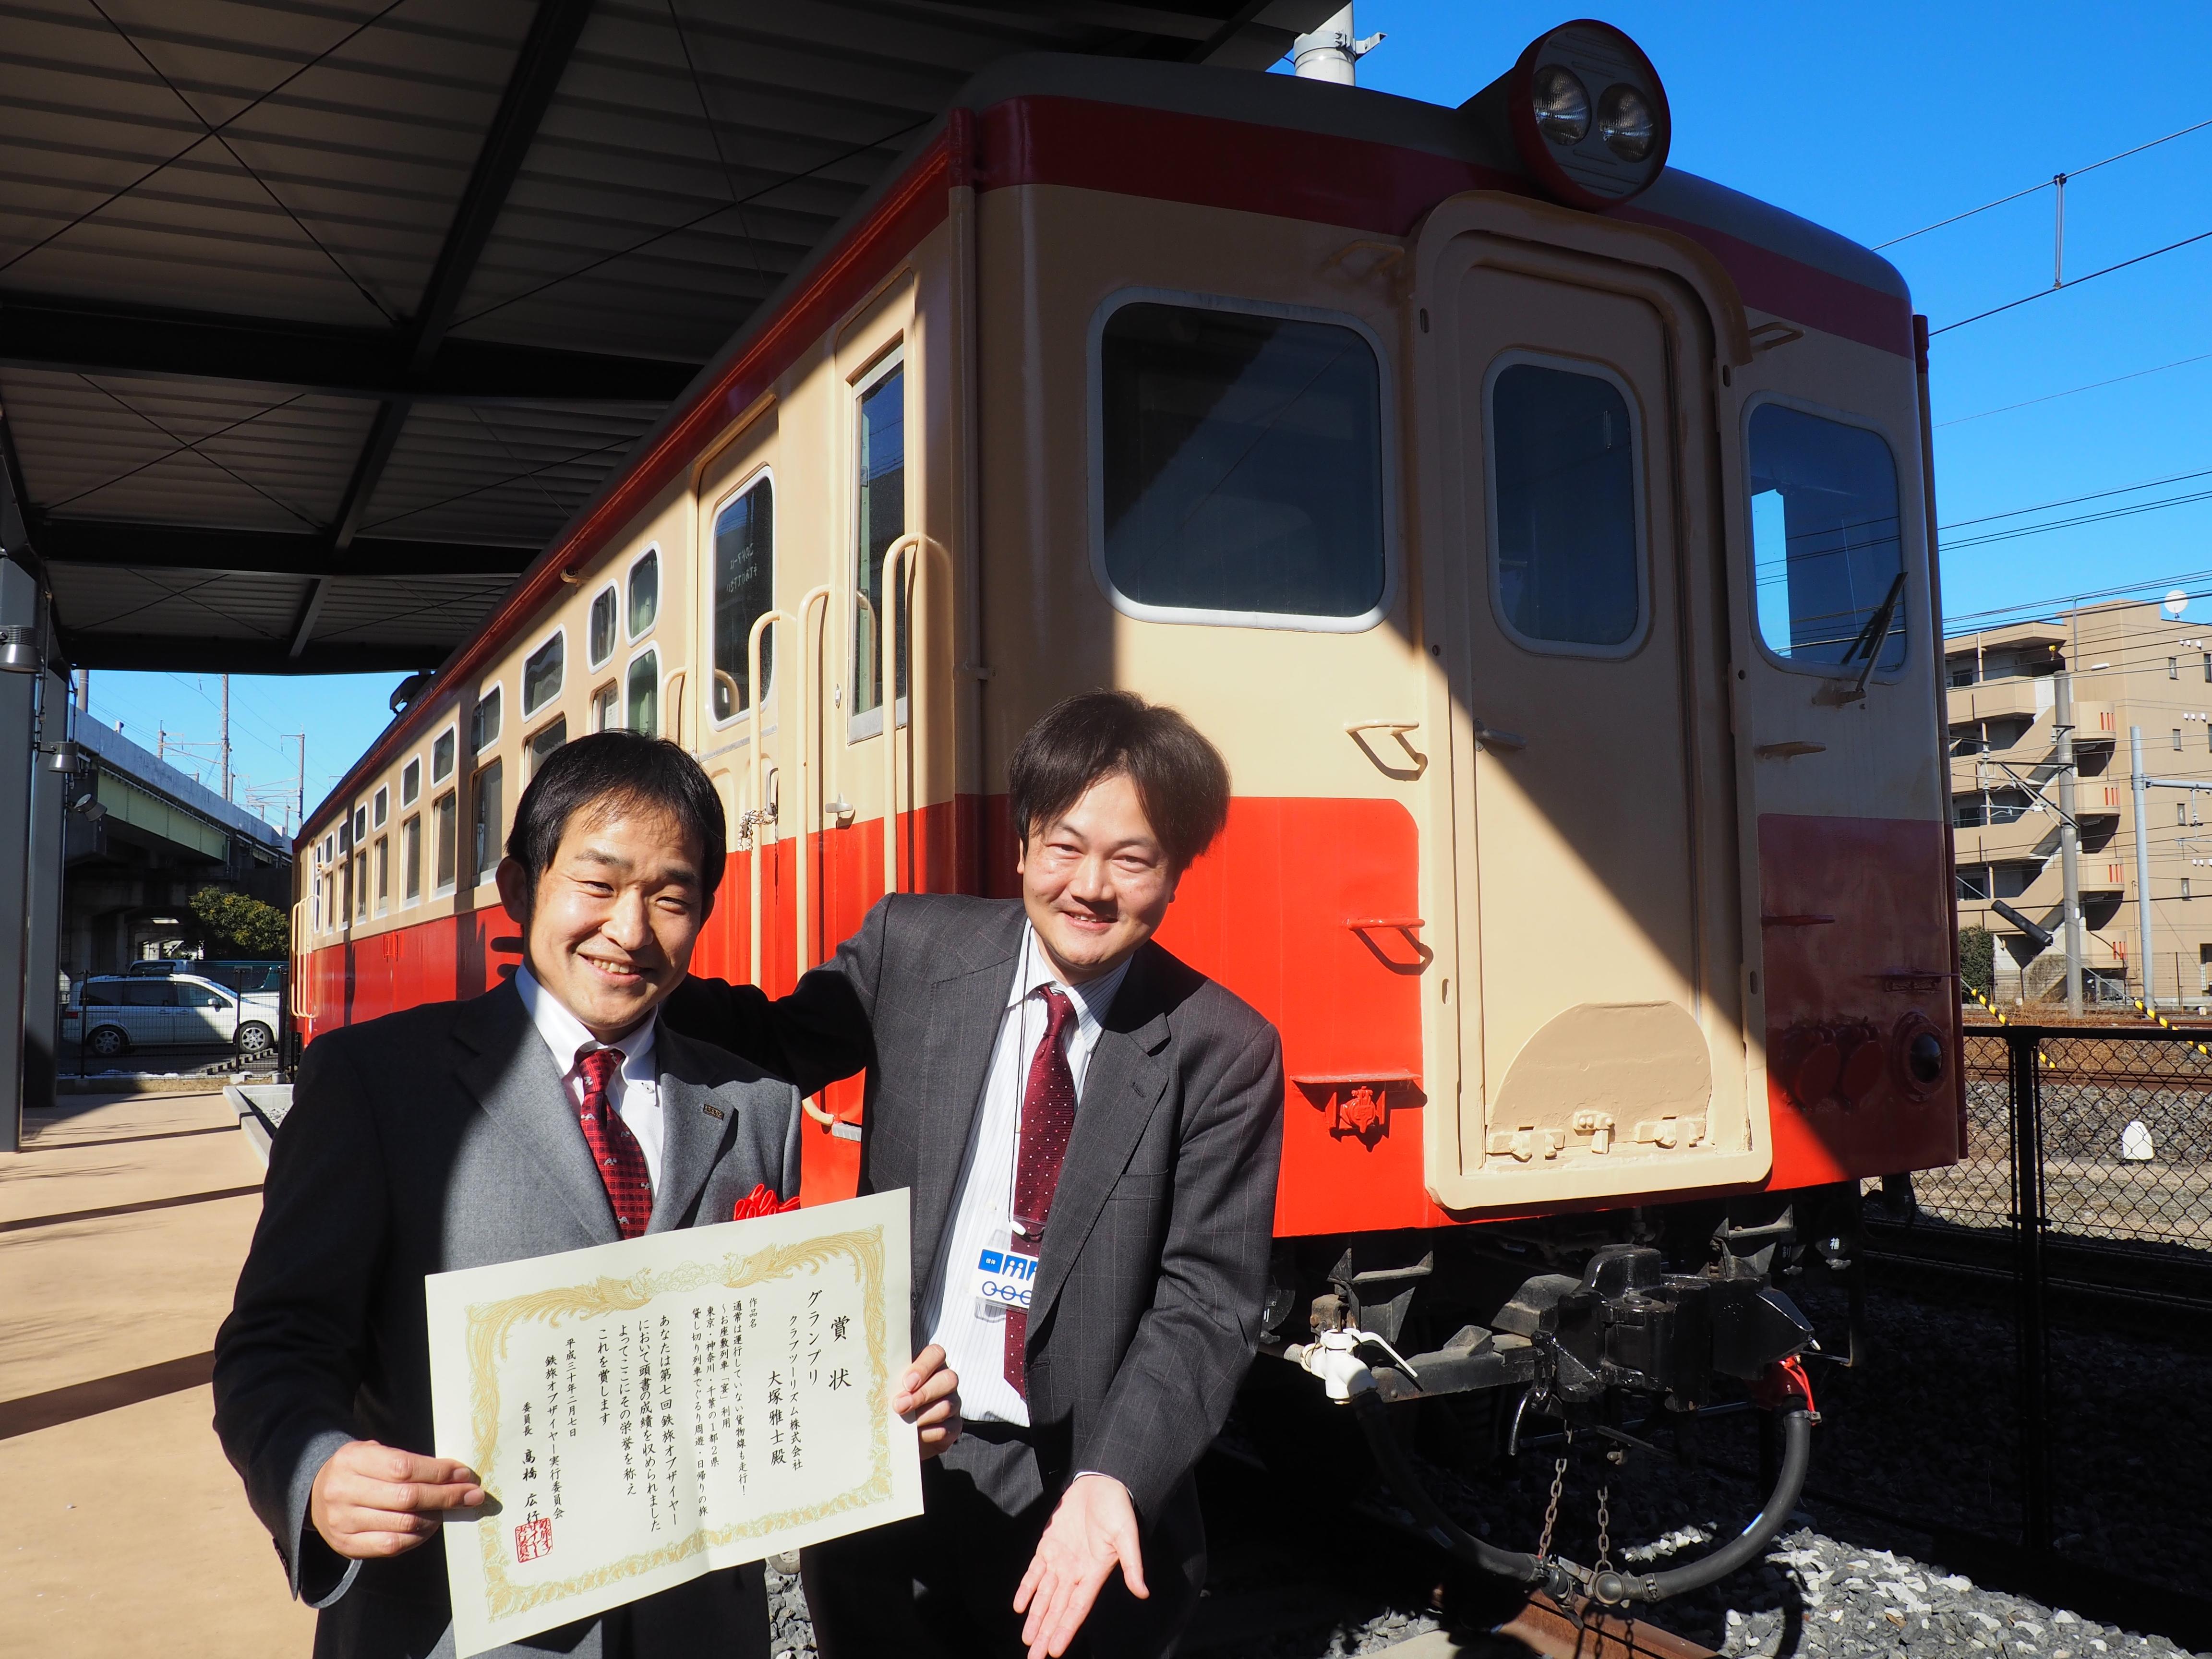 2017年度の「鉄旅オブザイヤー」授賞式で、旅行会社部門のグラ ンプリを受賞したクラブツーリズムの大塚雅士さん(左)と筆者=2月7日、さいたま市の鉄道博物館